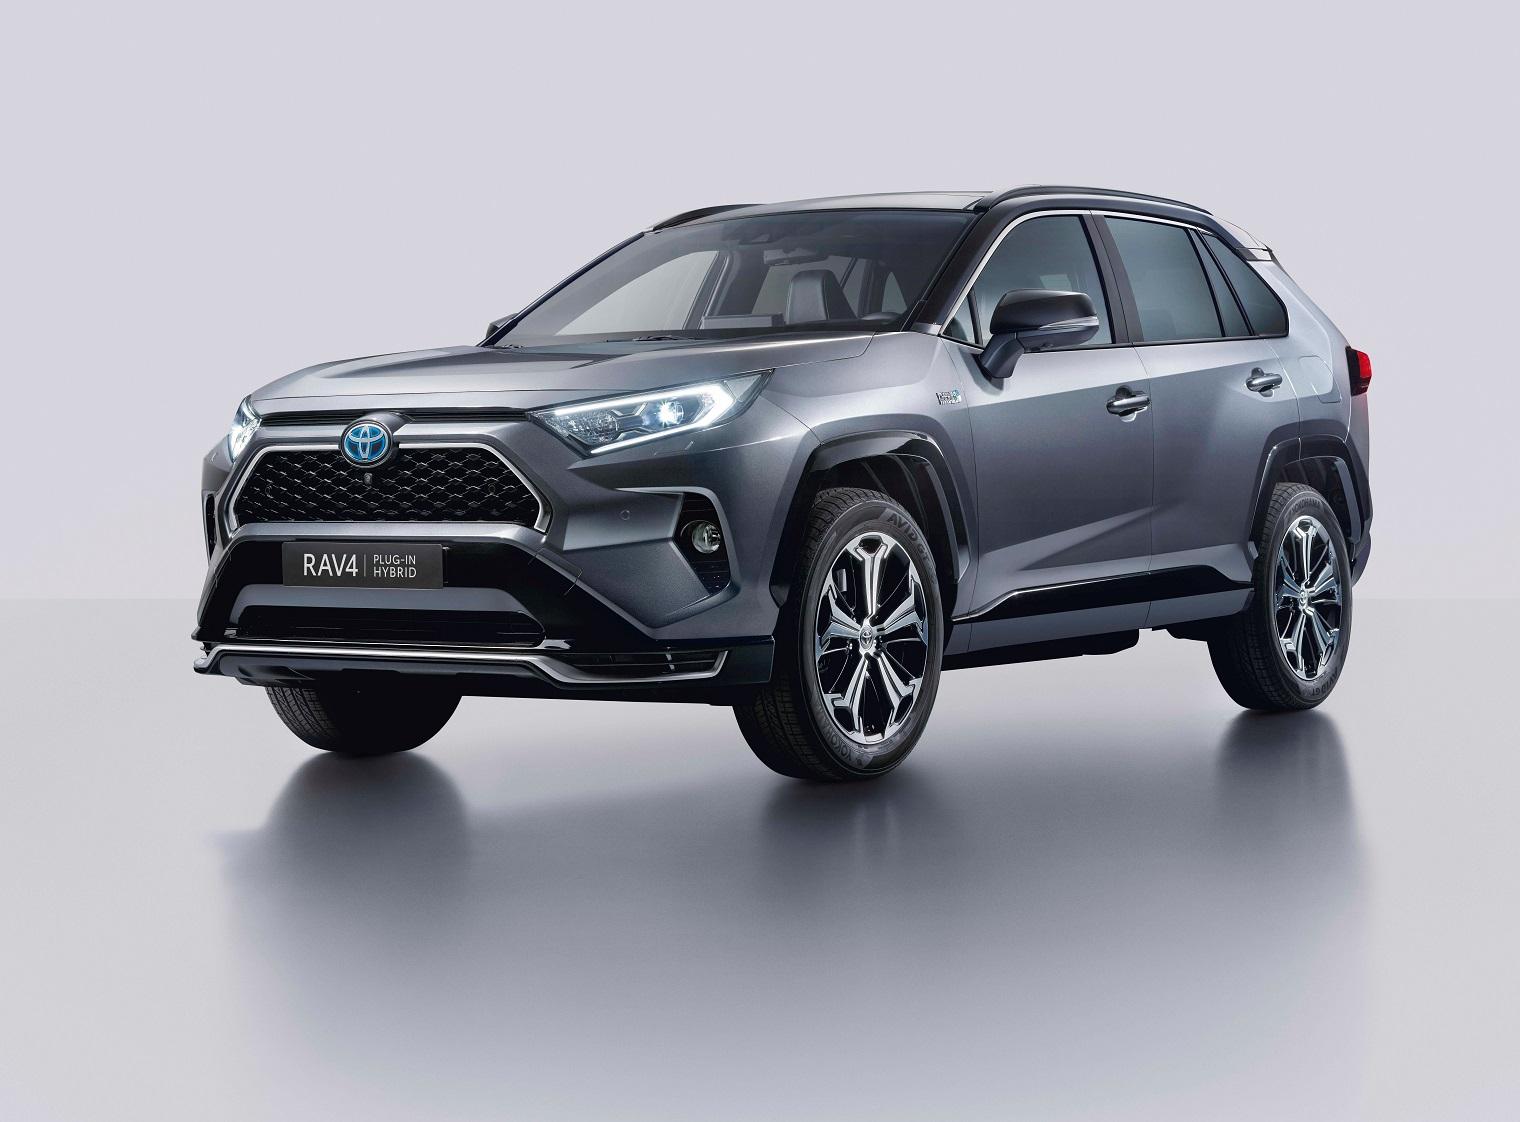 Nuovo-Toyota-Rav4-Plug-in-Hybrid-2021